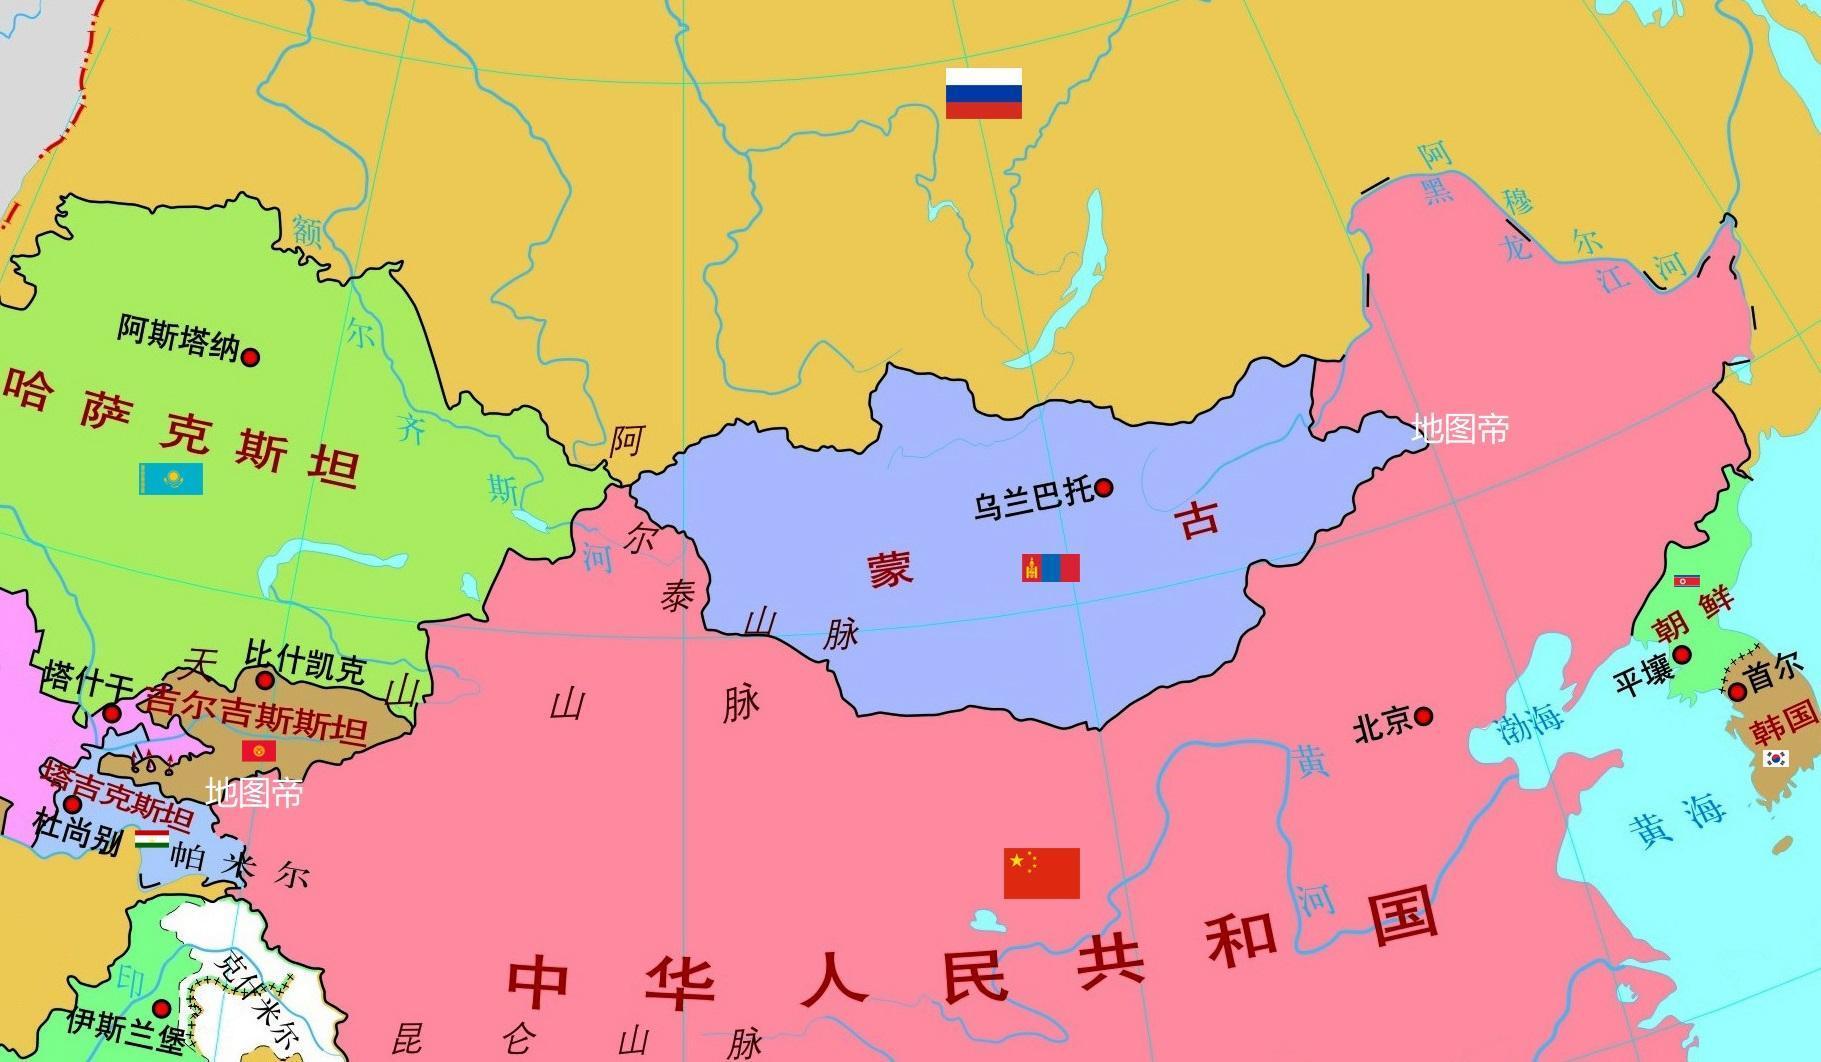 蒙古国的人均gdp是多少美元_上海的人均gdp大概多少美元